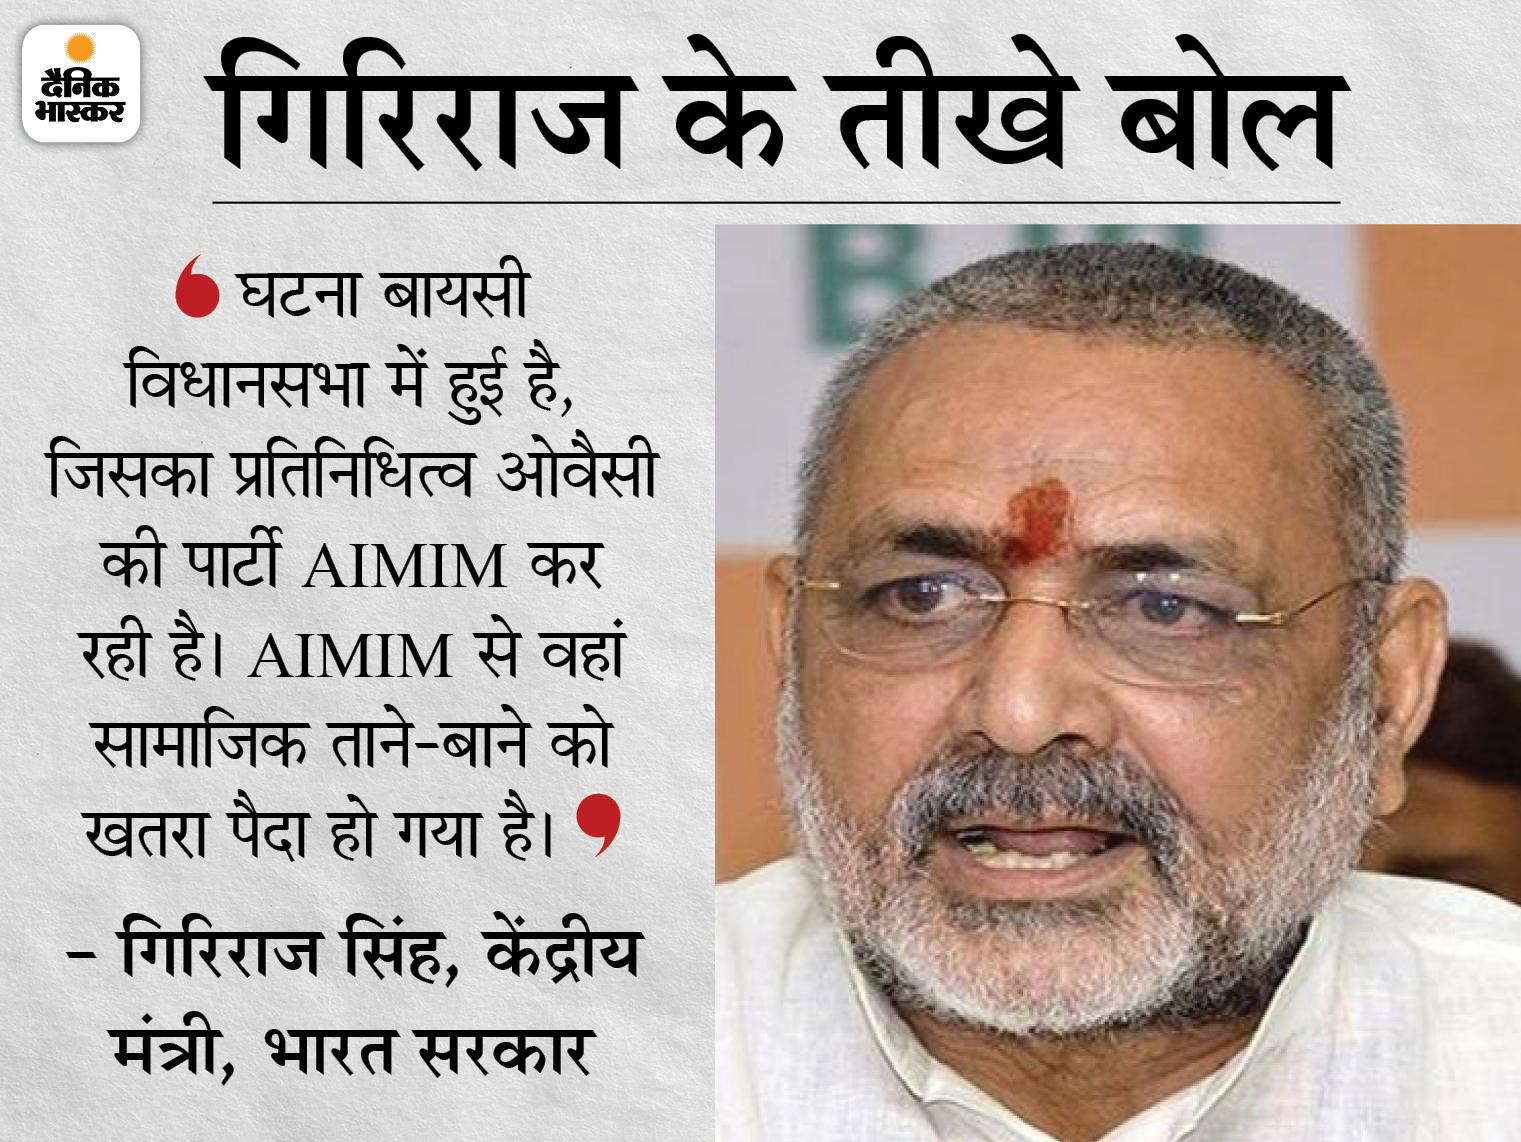 केंद्रीय मंत्री गिरिराज सिंह बोले- मुसलमानों पर हमला हुआ होता तो राहुल गांधी पहुंच जाते; ओवैसी इनके नेता, इसलिए समाज को खतरा बिहार,Bihar - Dainik Bhaskar